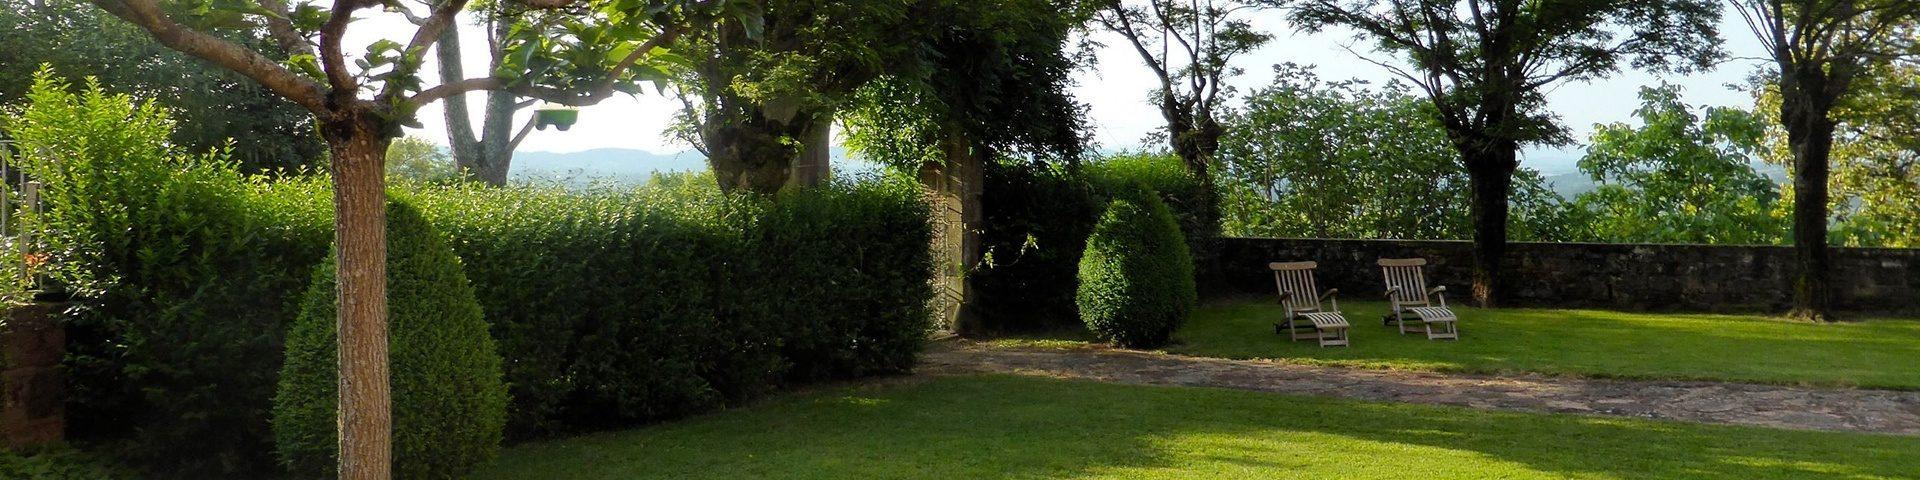 Parc du château de Marsac en Corrèze